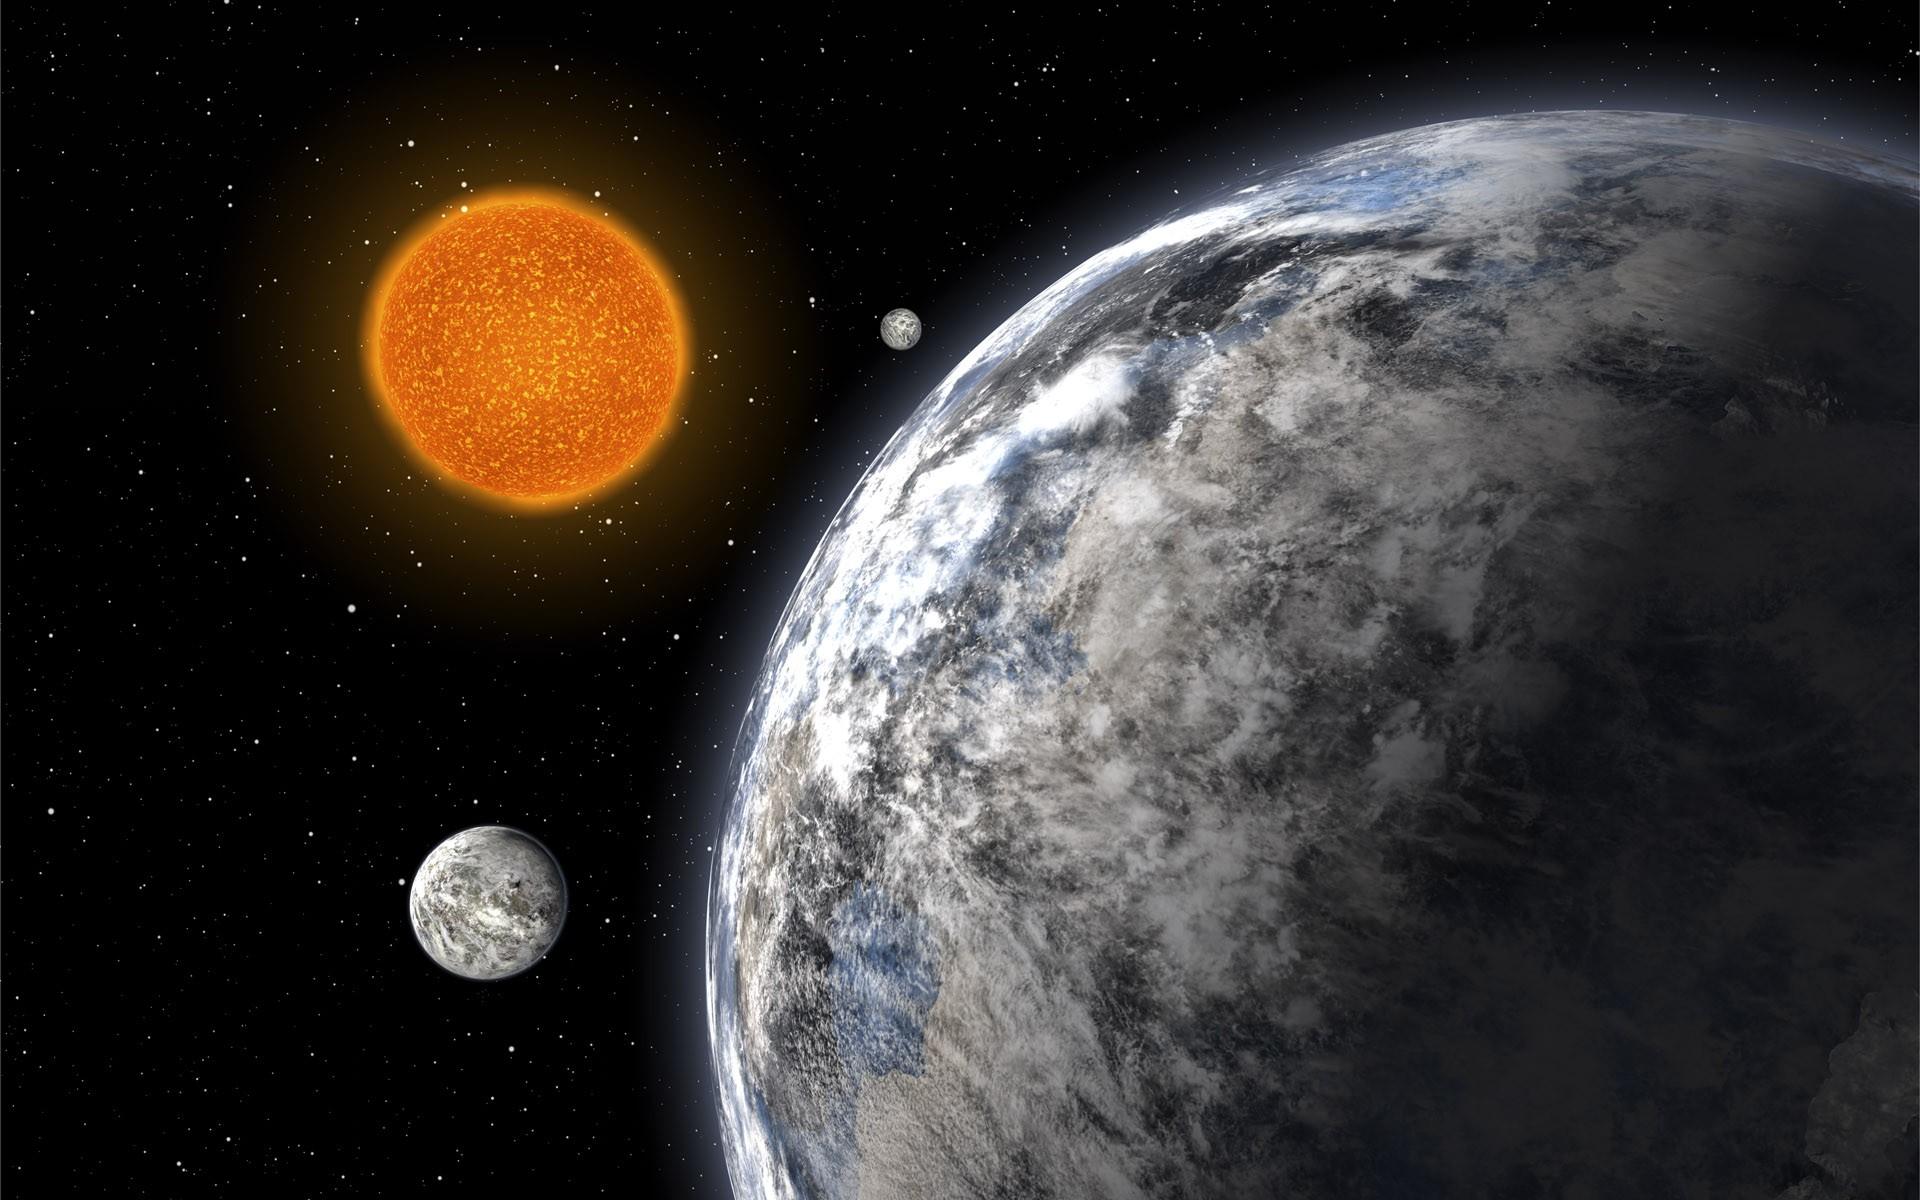 Астрономы сообщили опропаже суперземли вСолнечной системе